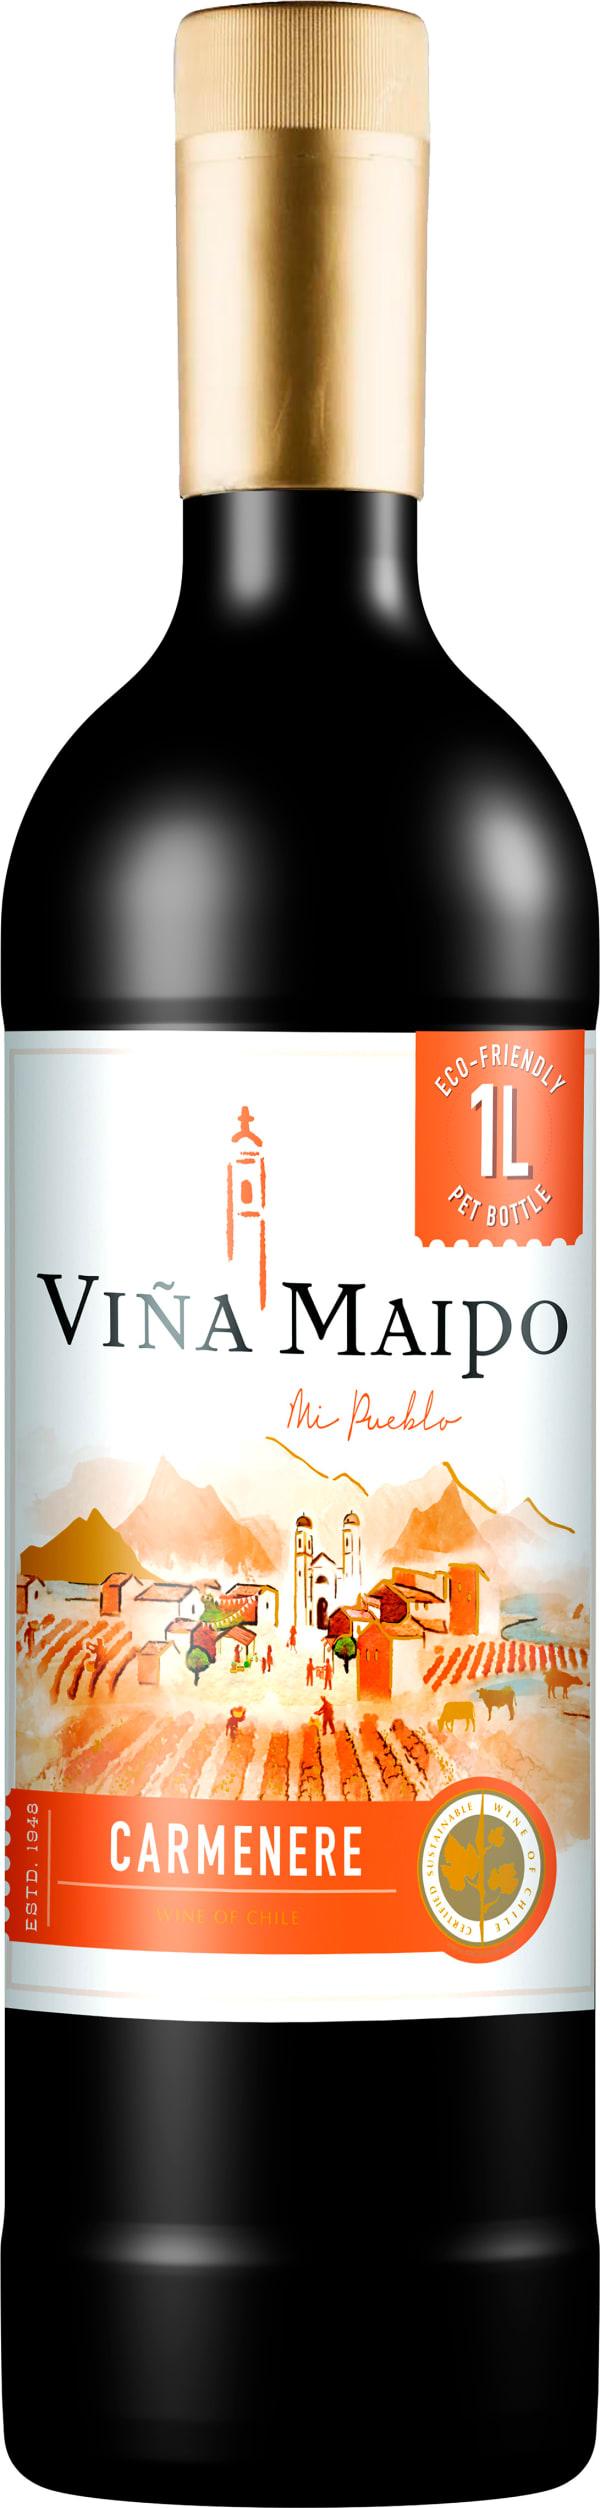 Viña Maipo Mi Pueblo Carmenere 2020 plastic bottle